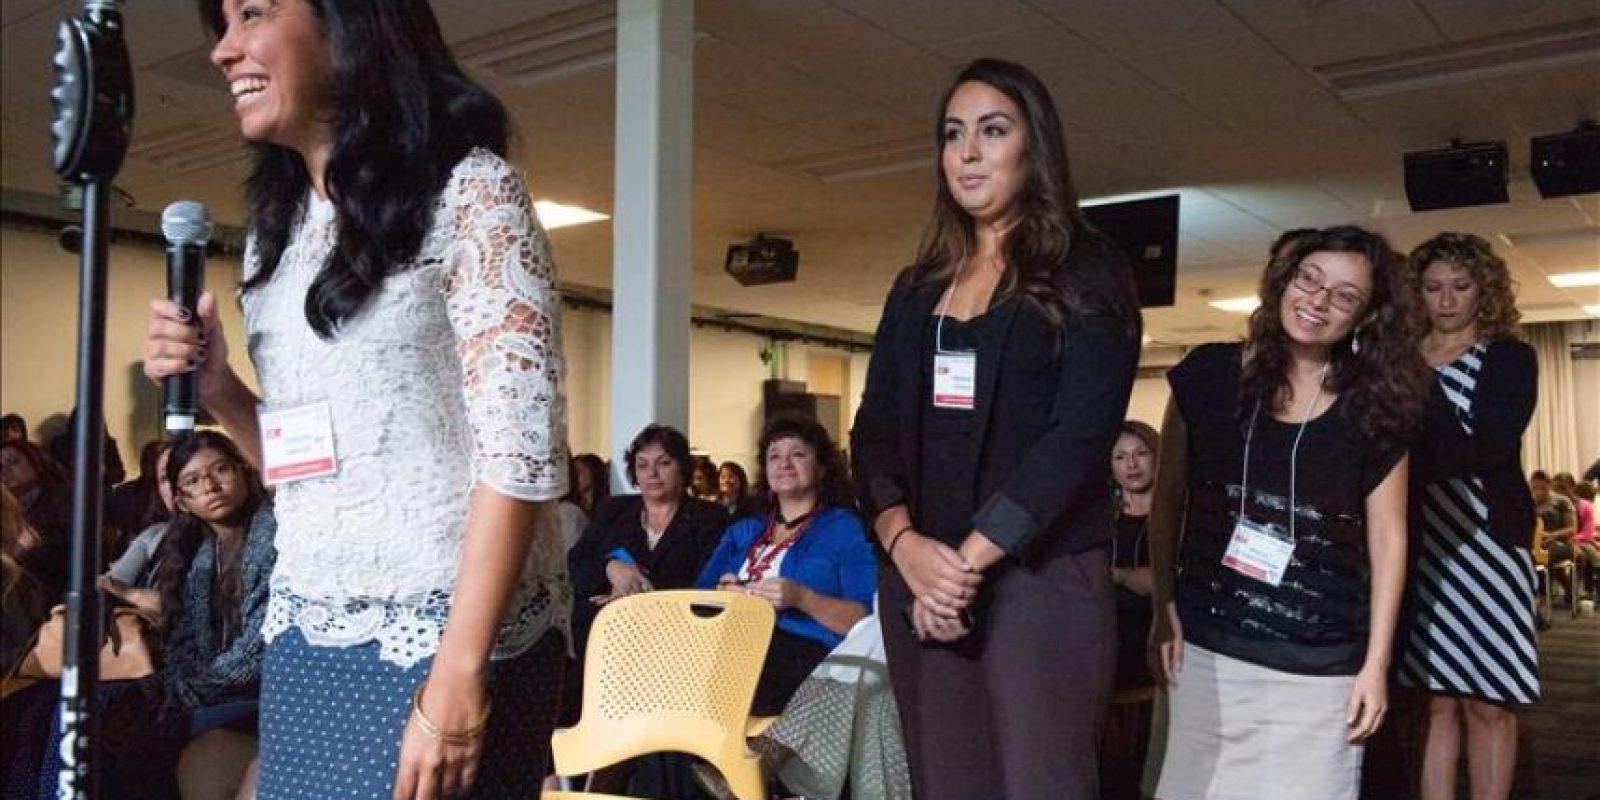 """Asistentes participan en una conferencia de alto nivel convocada por """"Latinas Think Big"""" (""""Las latinas piensan a lo grande""""), en la sede de Google en Mountain View, California (EE.UU.). EFE"""